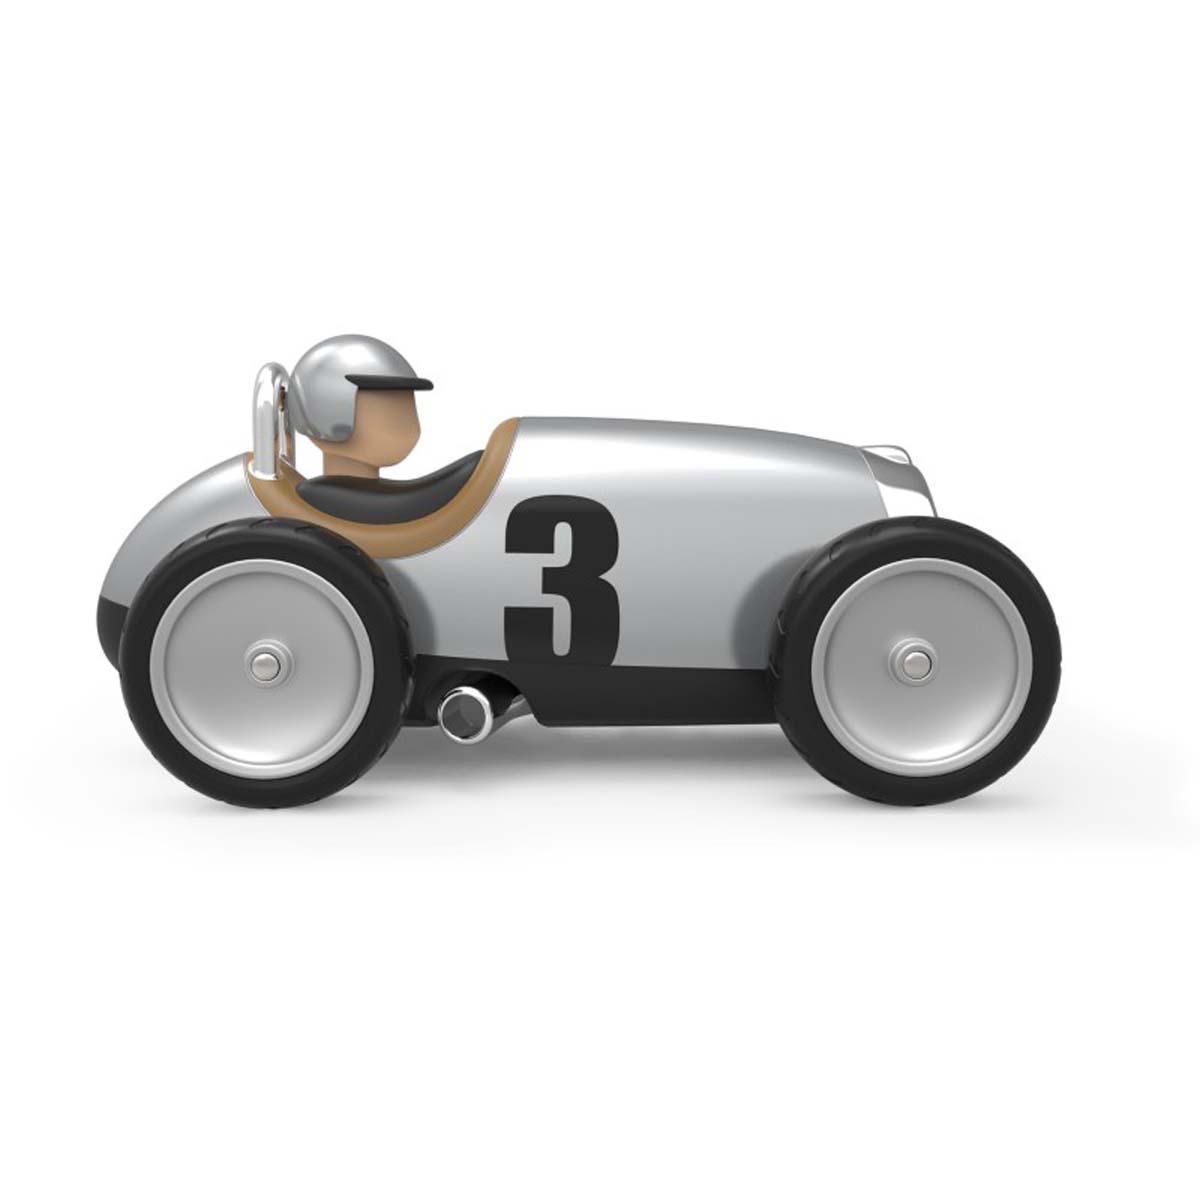 Car Argent Voiture Métal Racing En TkOPiuXZ